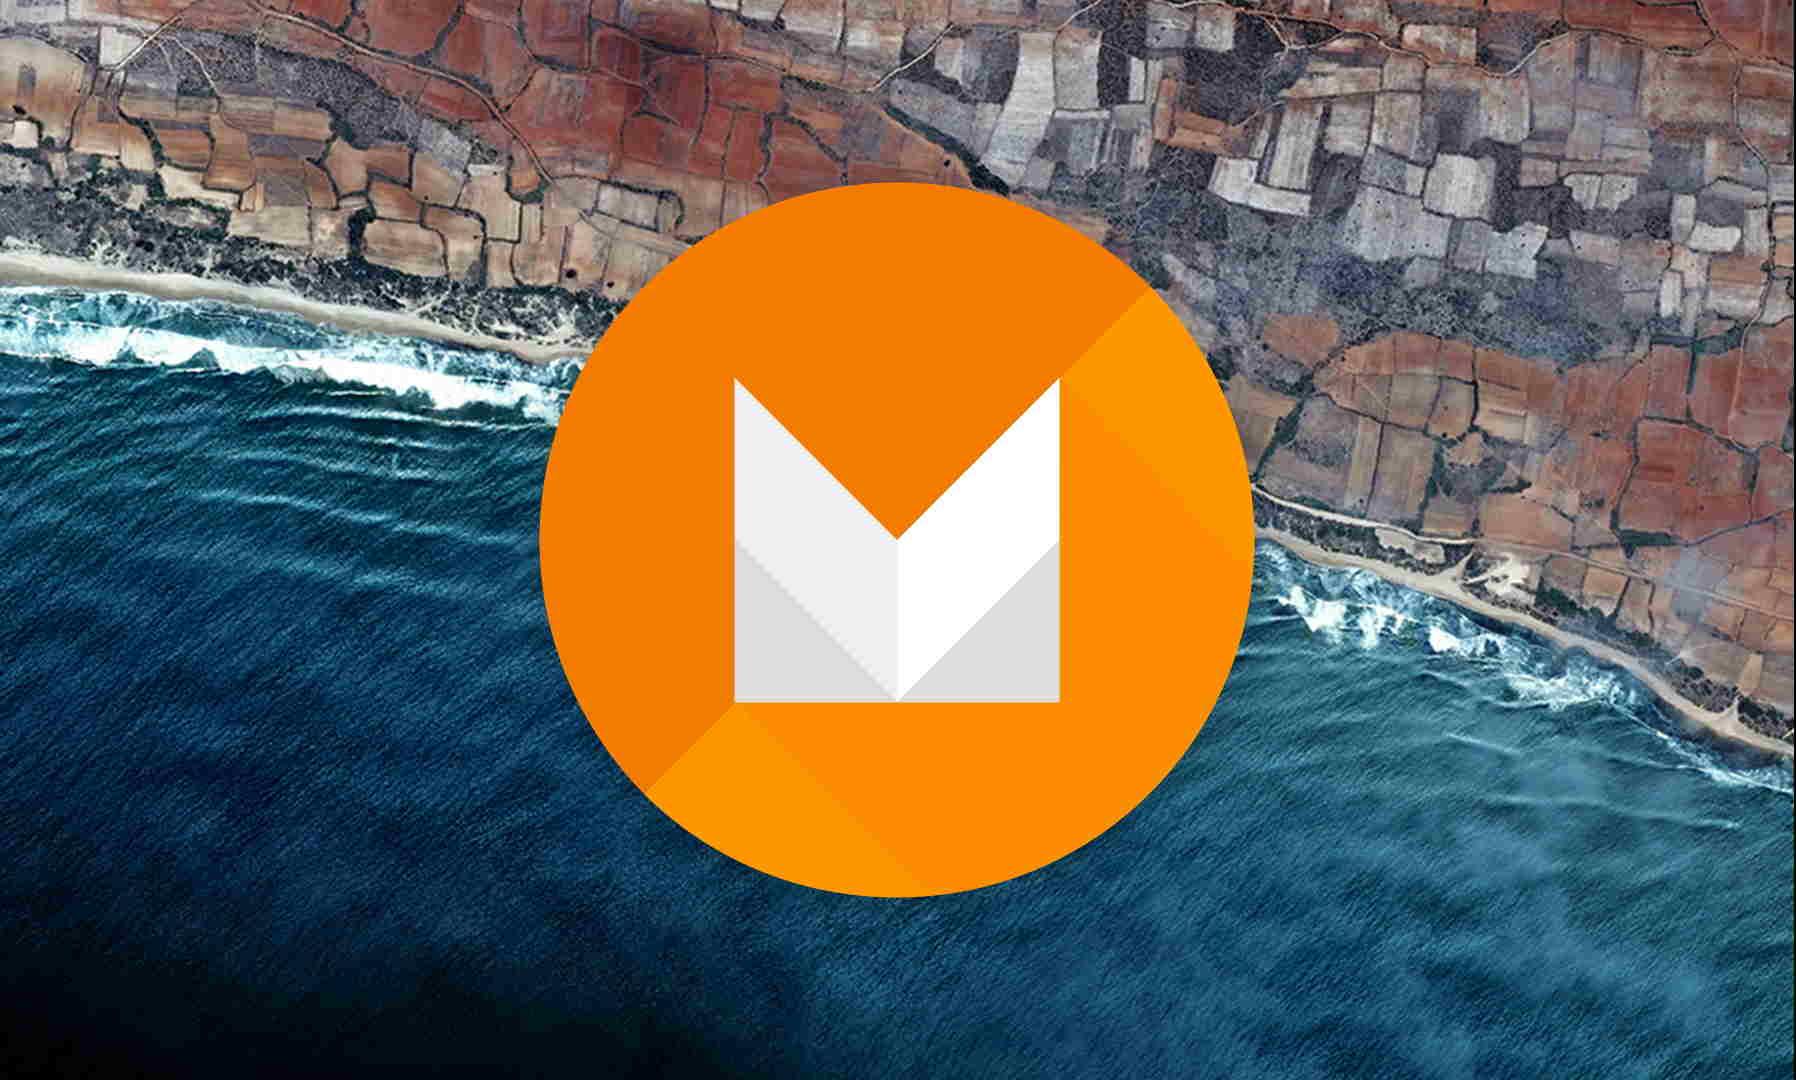 Android M Nexus 4